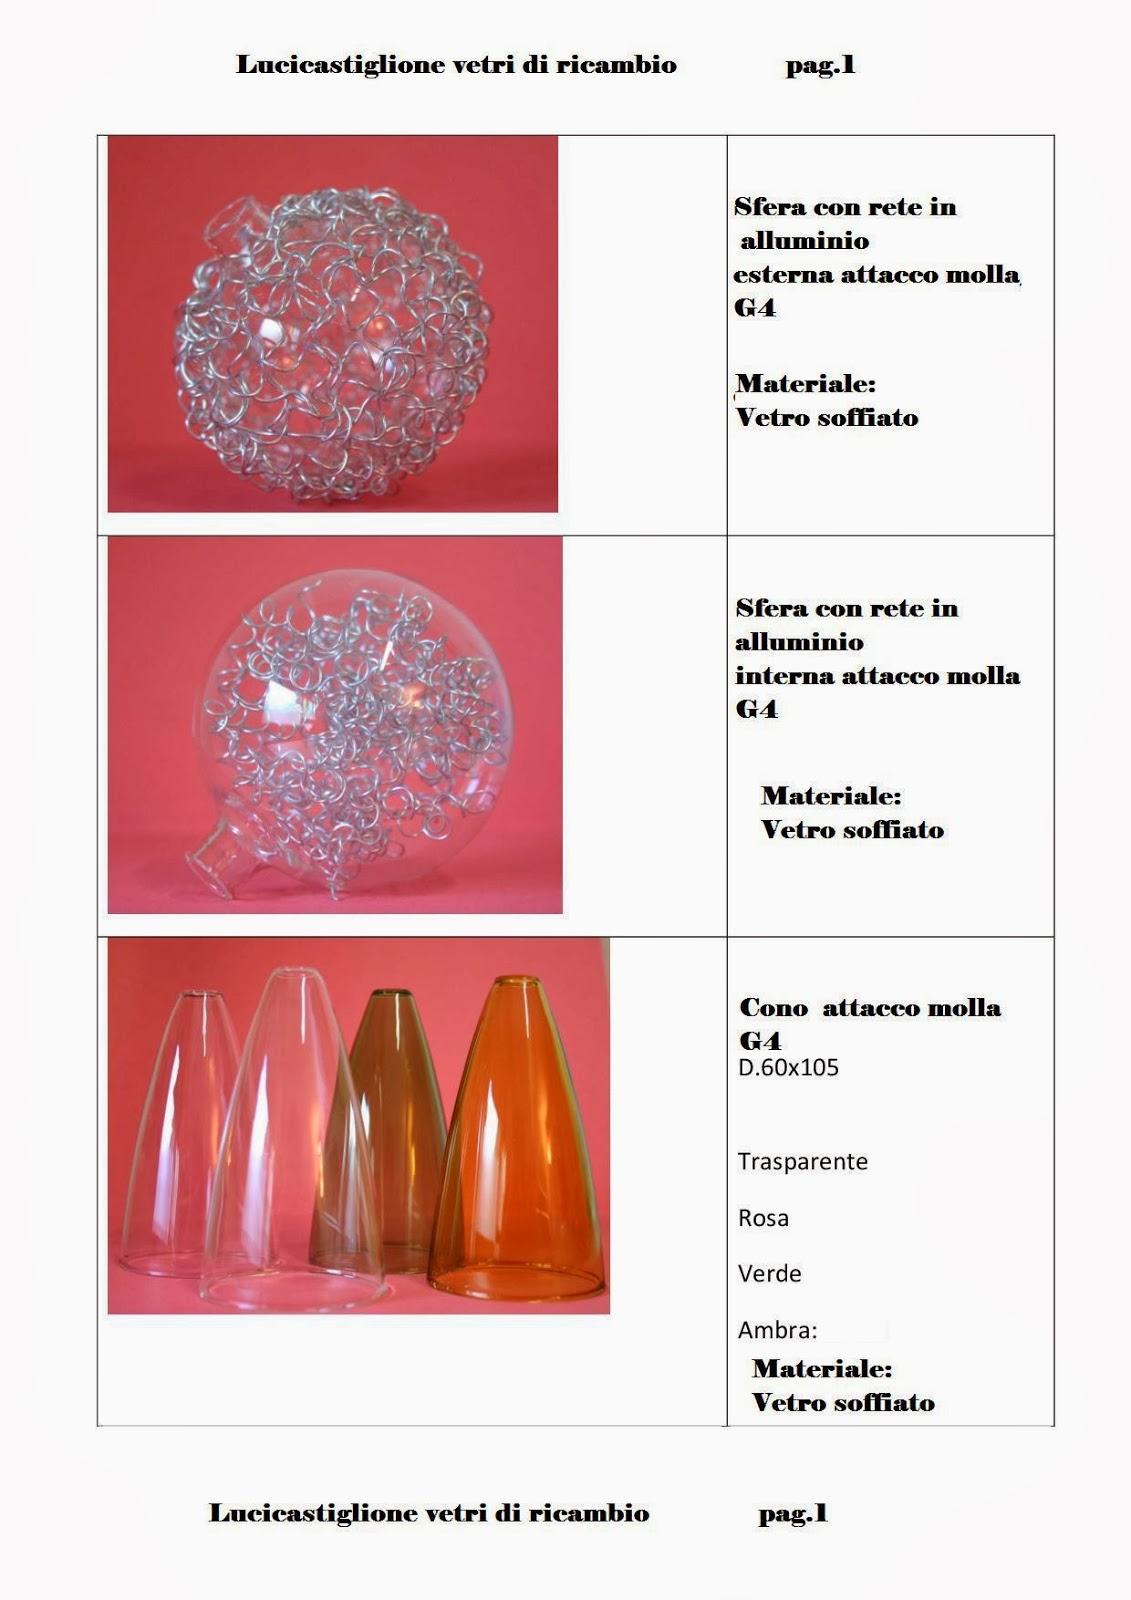 Ricambi Lampadari Murano Roma.Ricambi Per Lampadari In Vetro Di Murano E Specchi